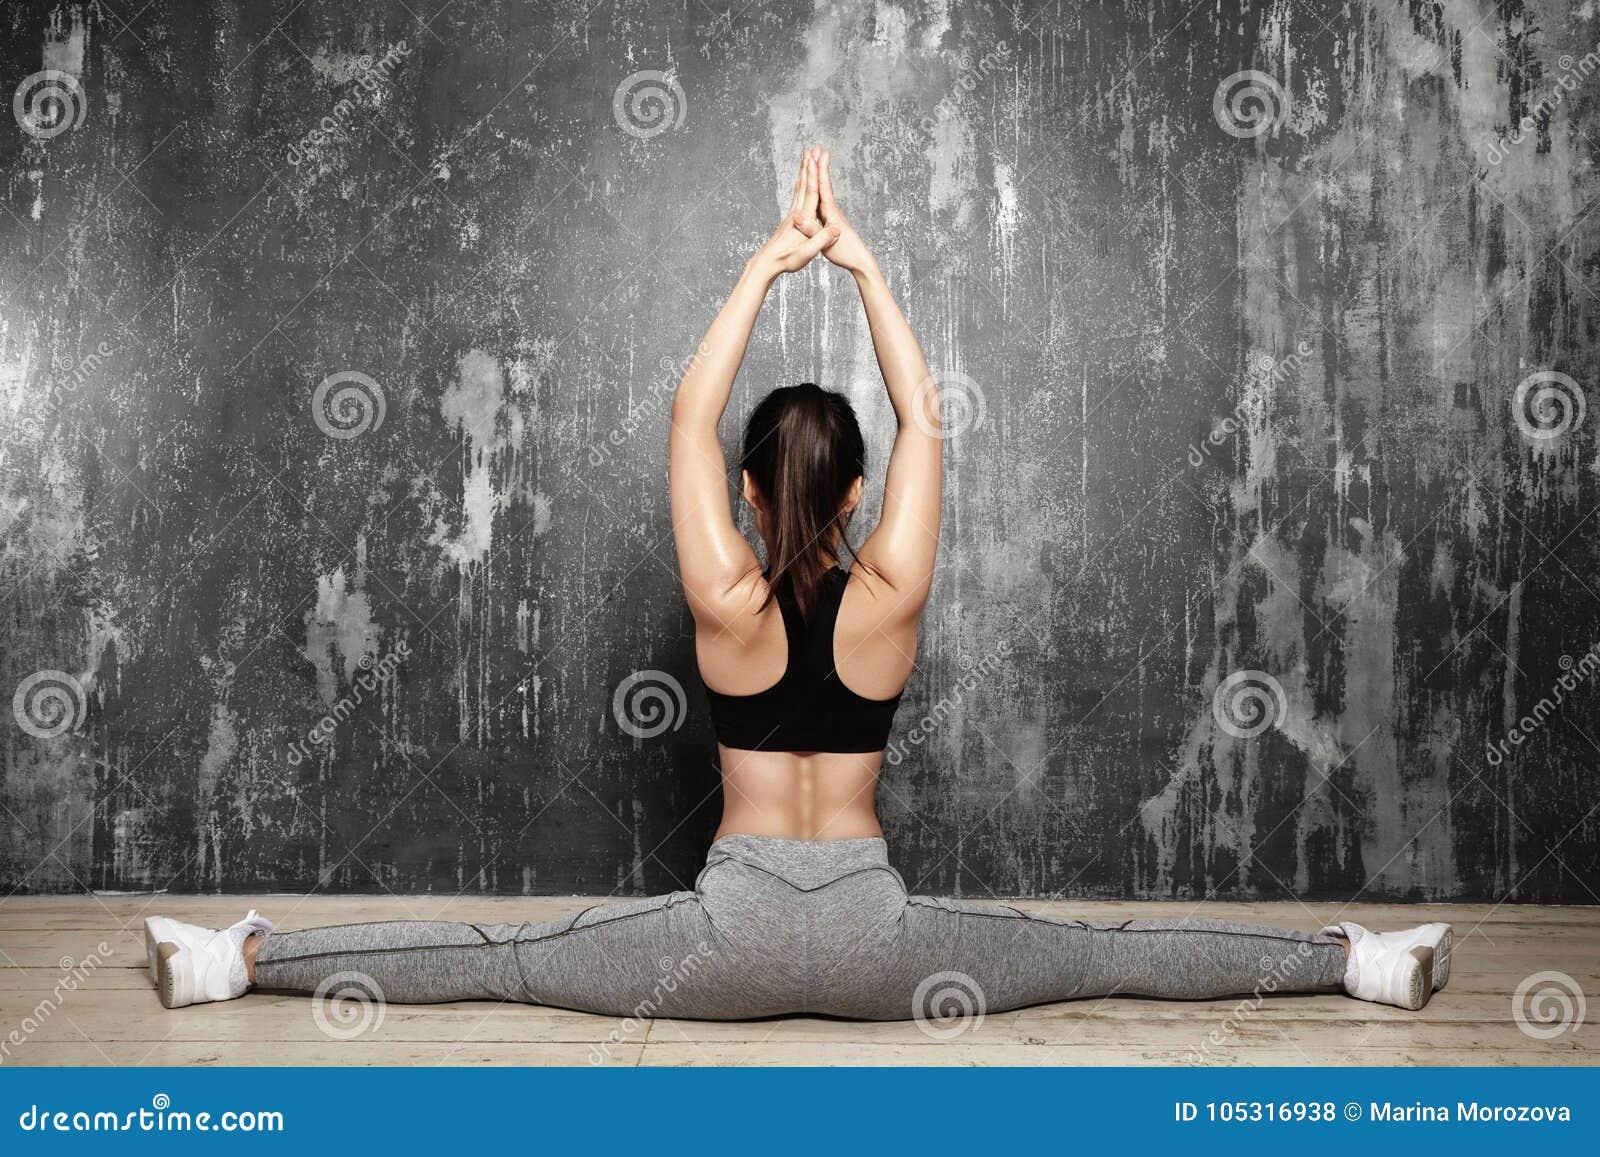 Schönes junges asiatisches Frauen-Ausarbeiten, Pilates-Übung in der Sportkleidung tuend Spalten mit Yoga Asana, dehnend aus